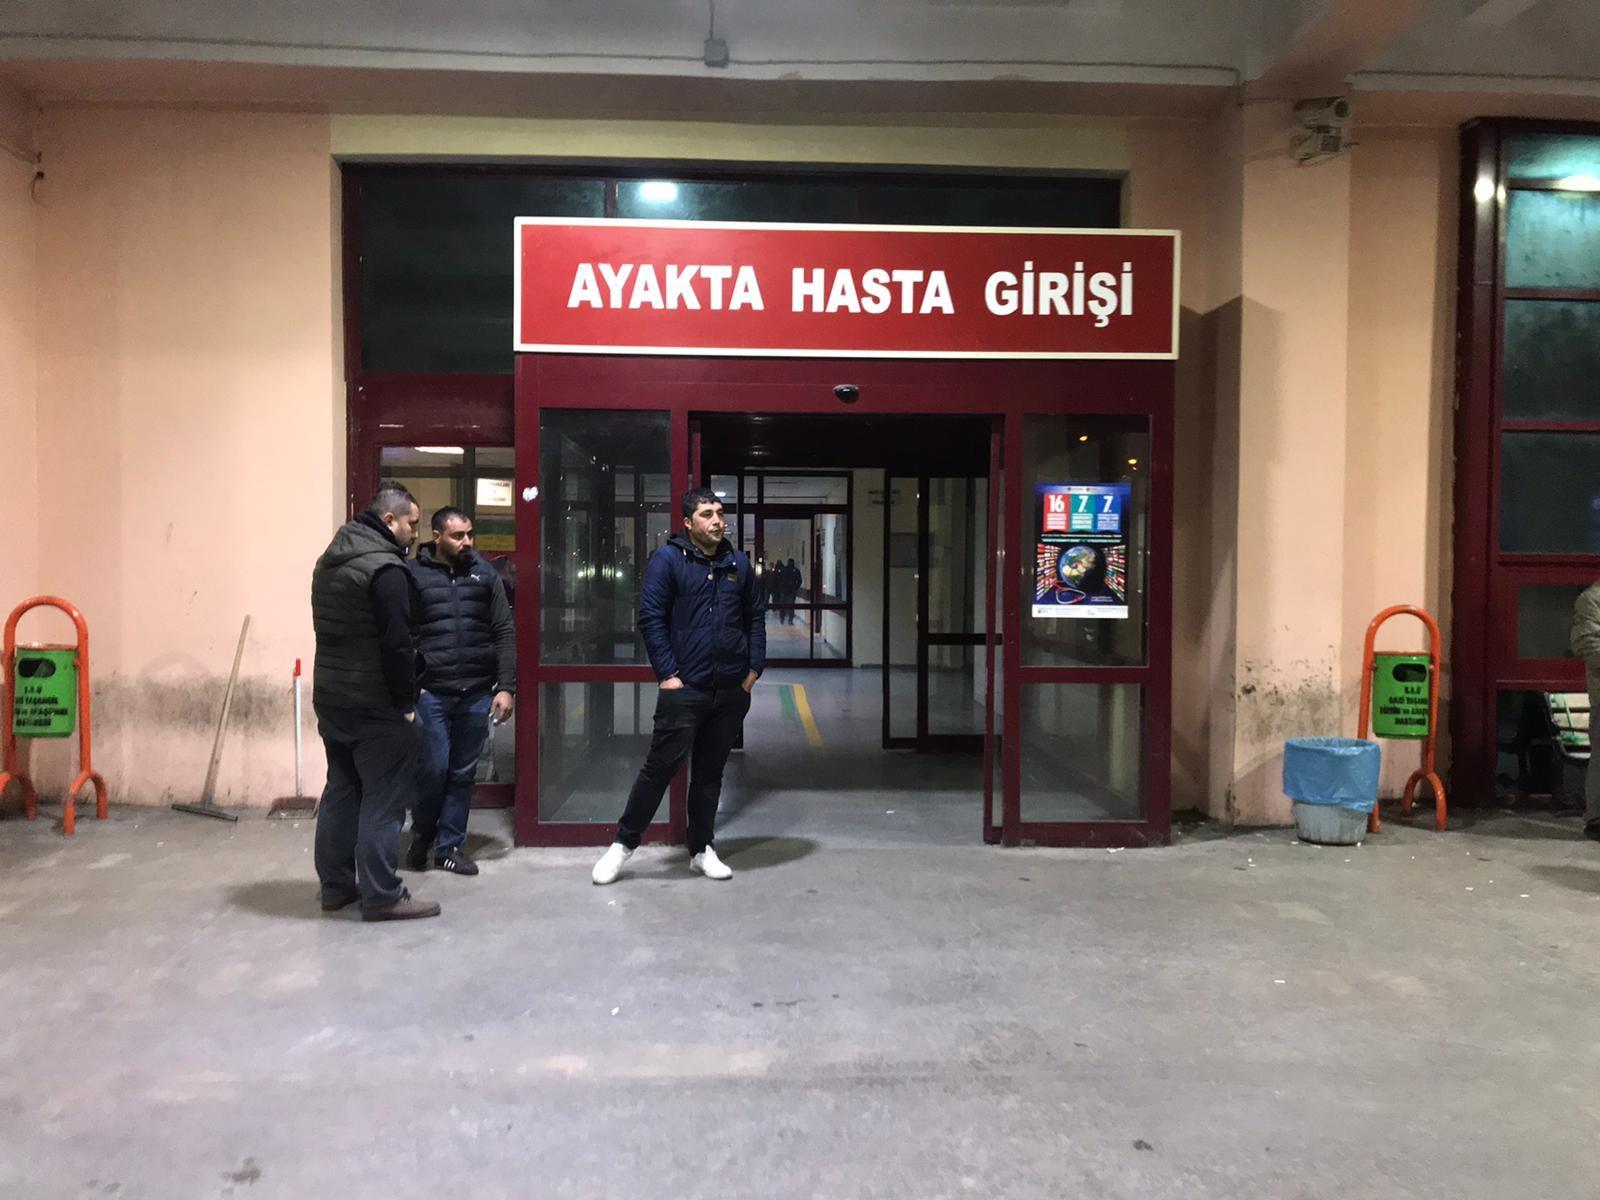 Diyarbakır'da korona virüsü şüphesi!